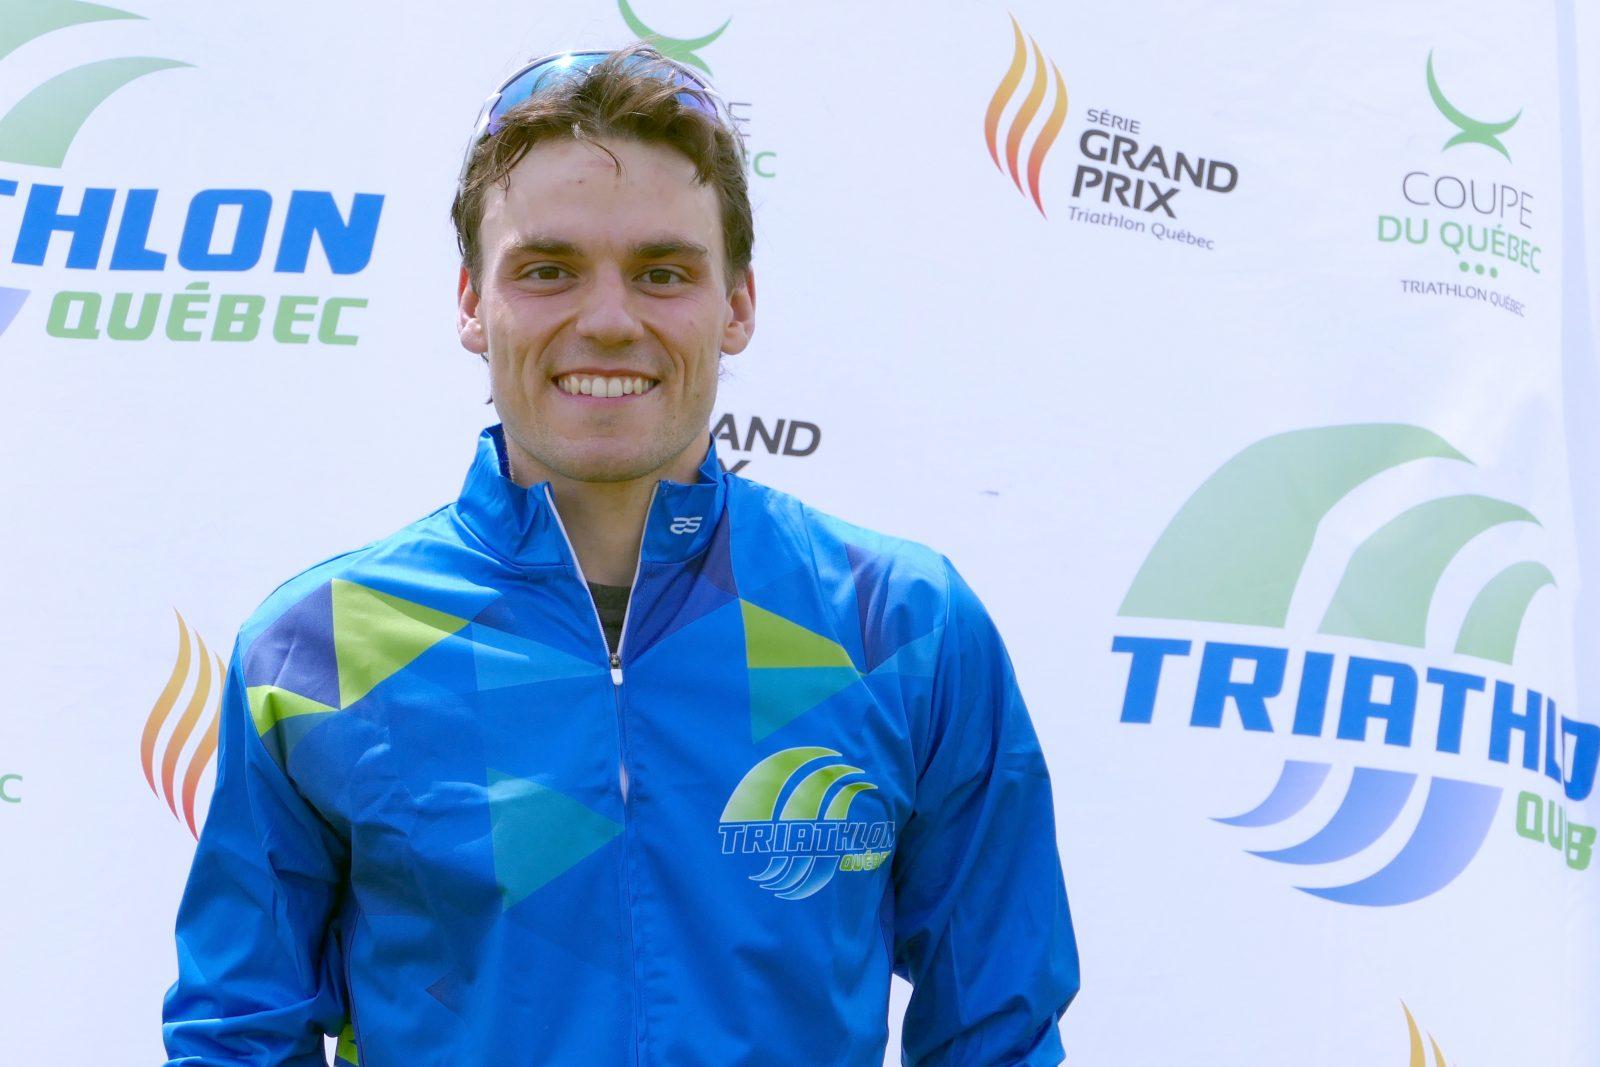 Un Julievillois participera à la Coupe panaméricaine de triathlon CAMTRI